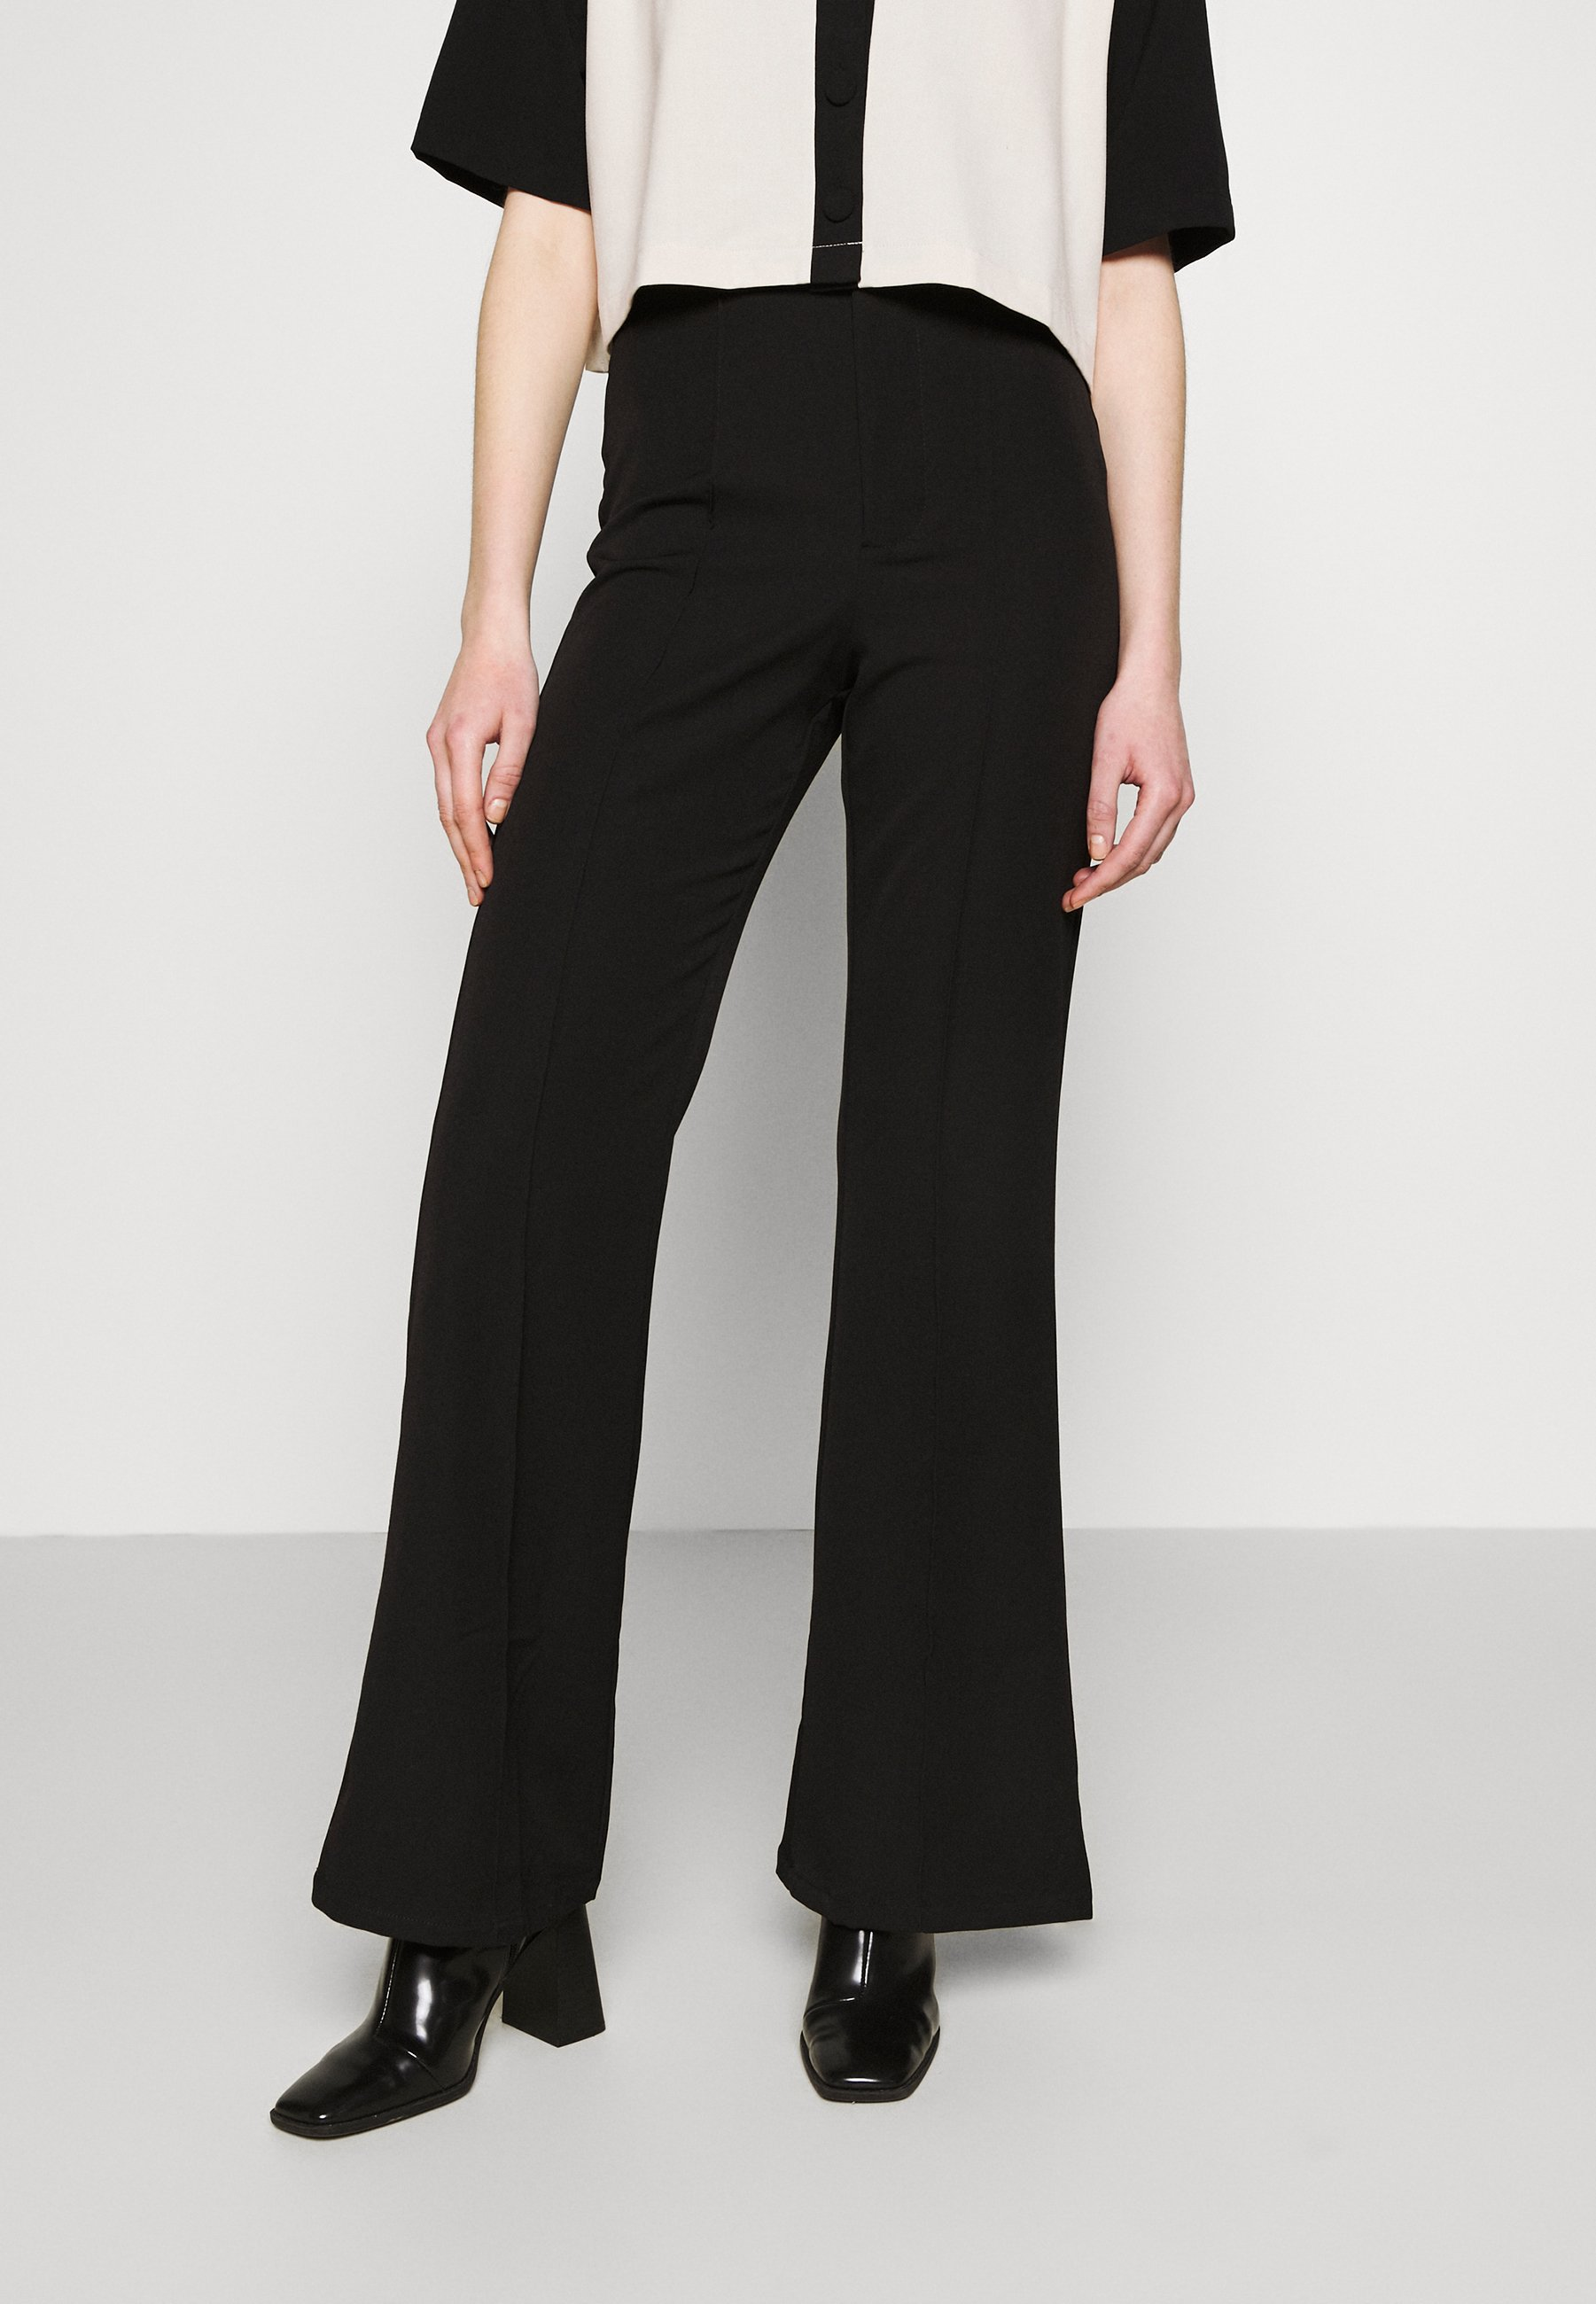 Femme BOWIE FLARE PANT - Pantalon classique